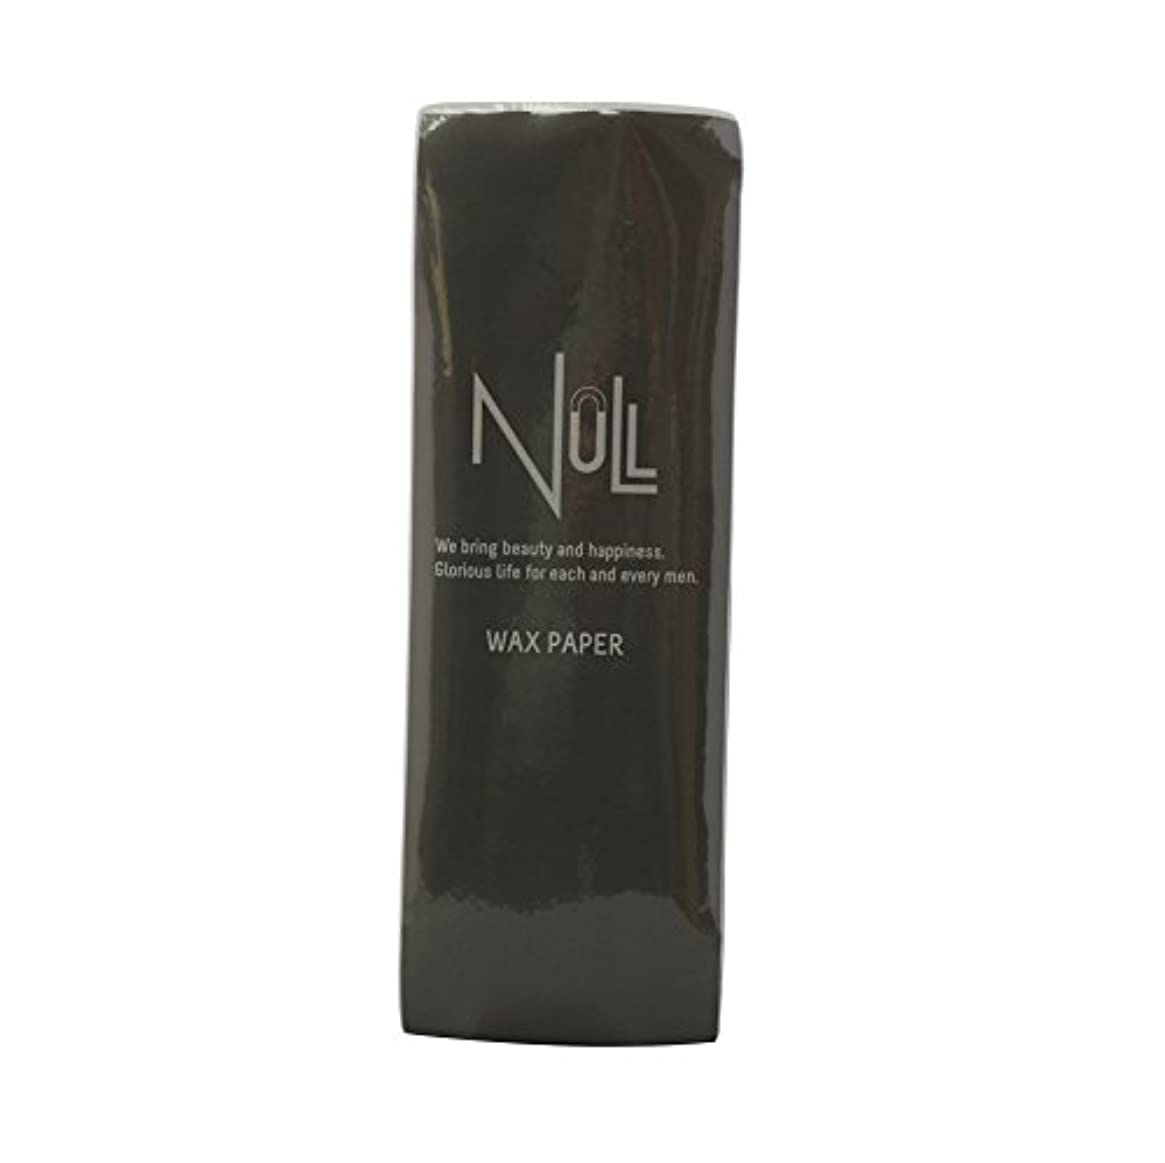 問い合わせる触覚立ち向かうNULL ブラジリアンワックス用ペーパー 100枚入り 70mm幅 ワックス脱毛 専用